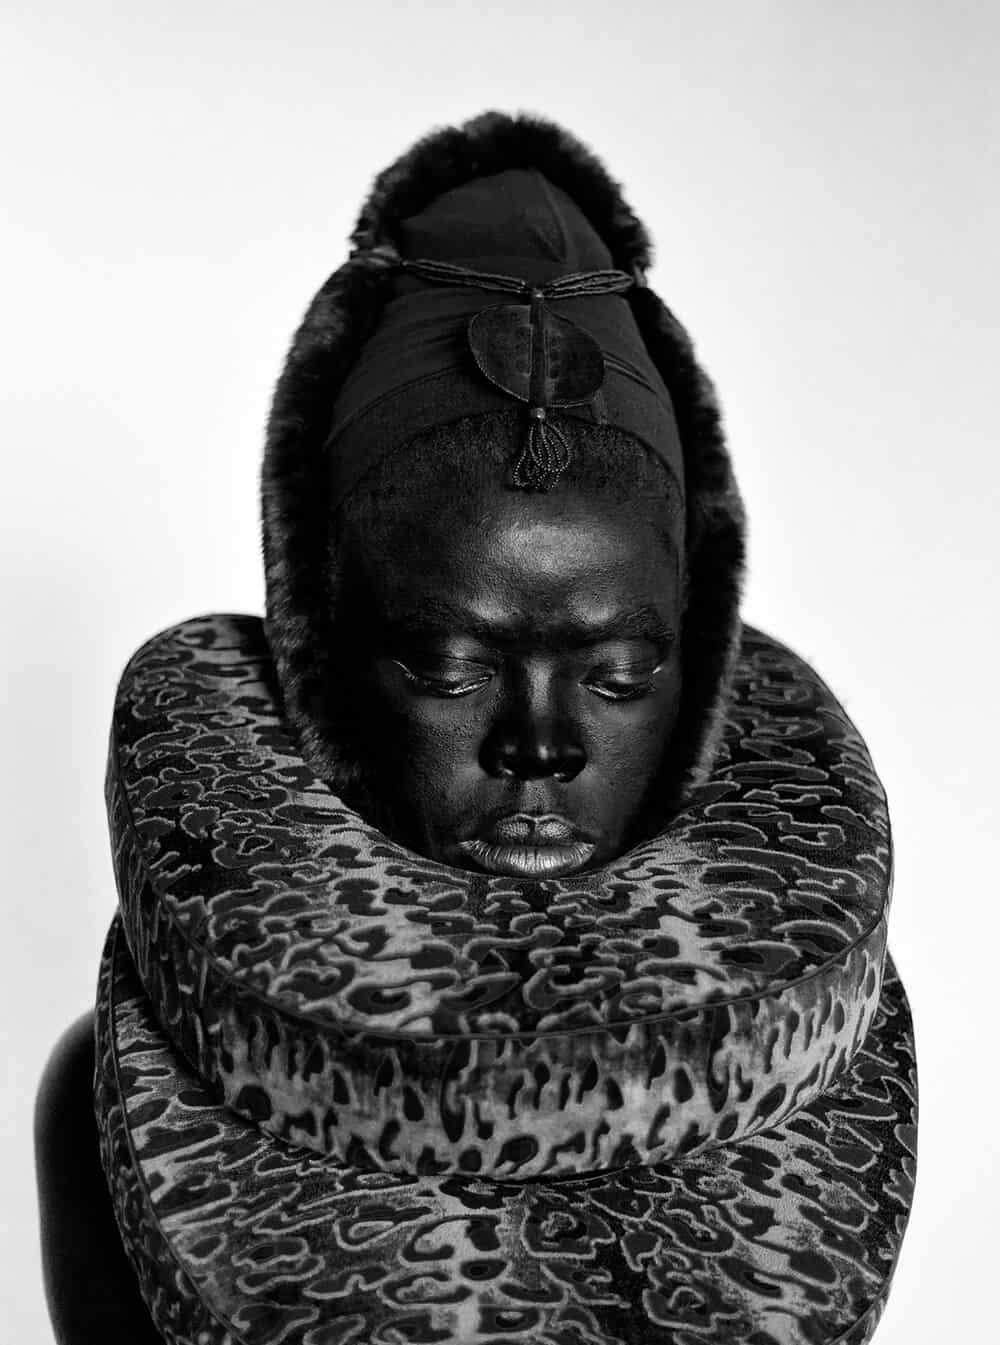 Zanele Muholi, Somnyama III, Paris, 2014. © Zanele Muholi. Courtesy of Stevenson, Cape Town/Johannesburg.